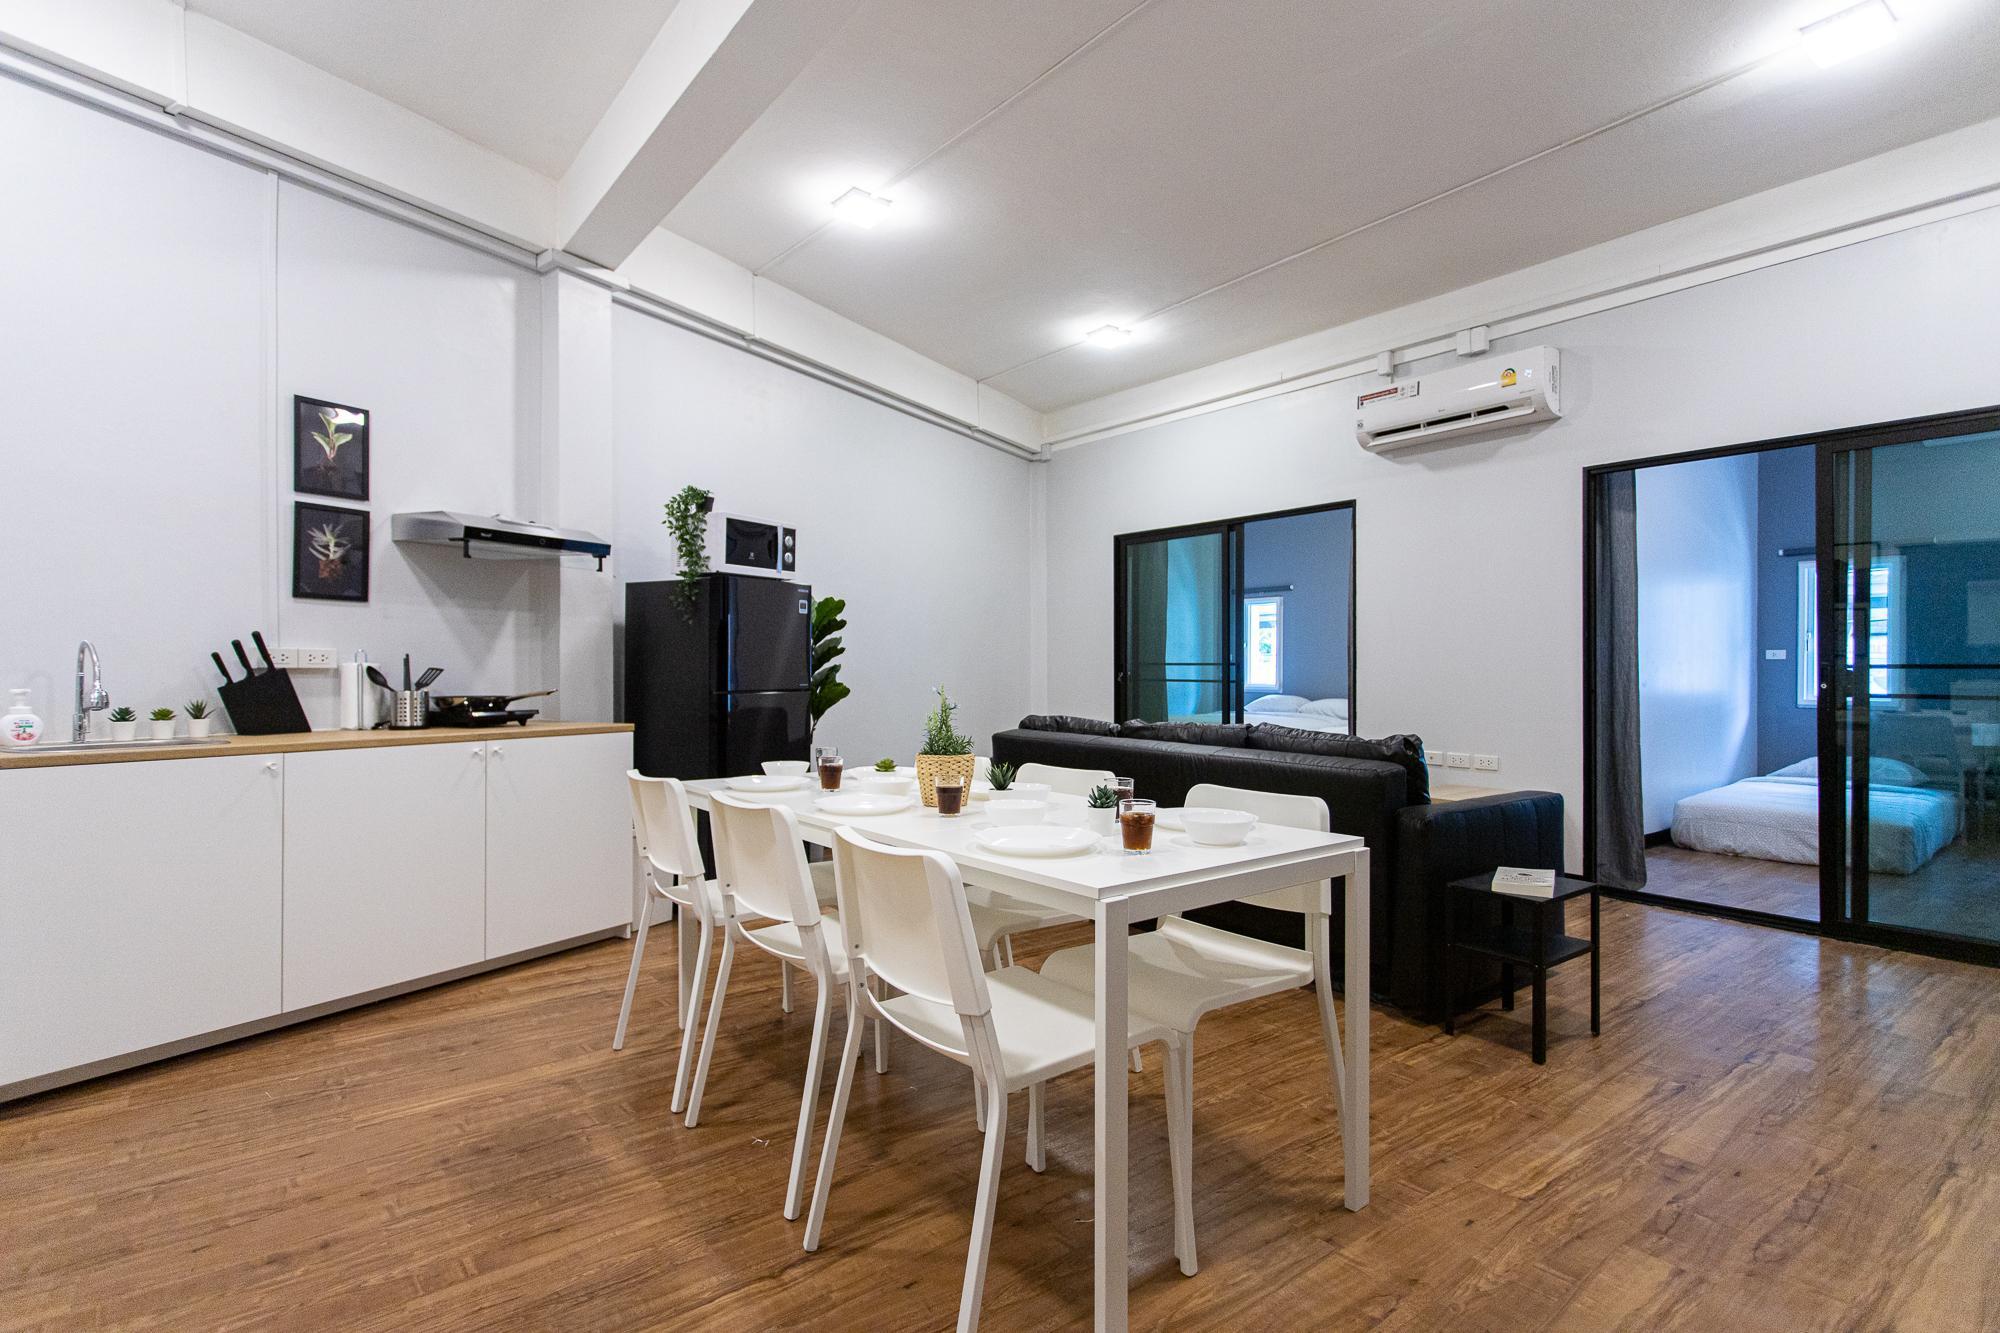 U3 Large 2 Bedroom Full Kitchen 100m BTS Udomsuk